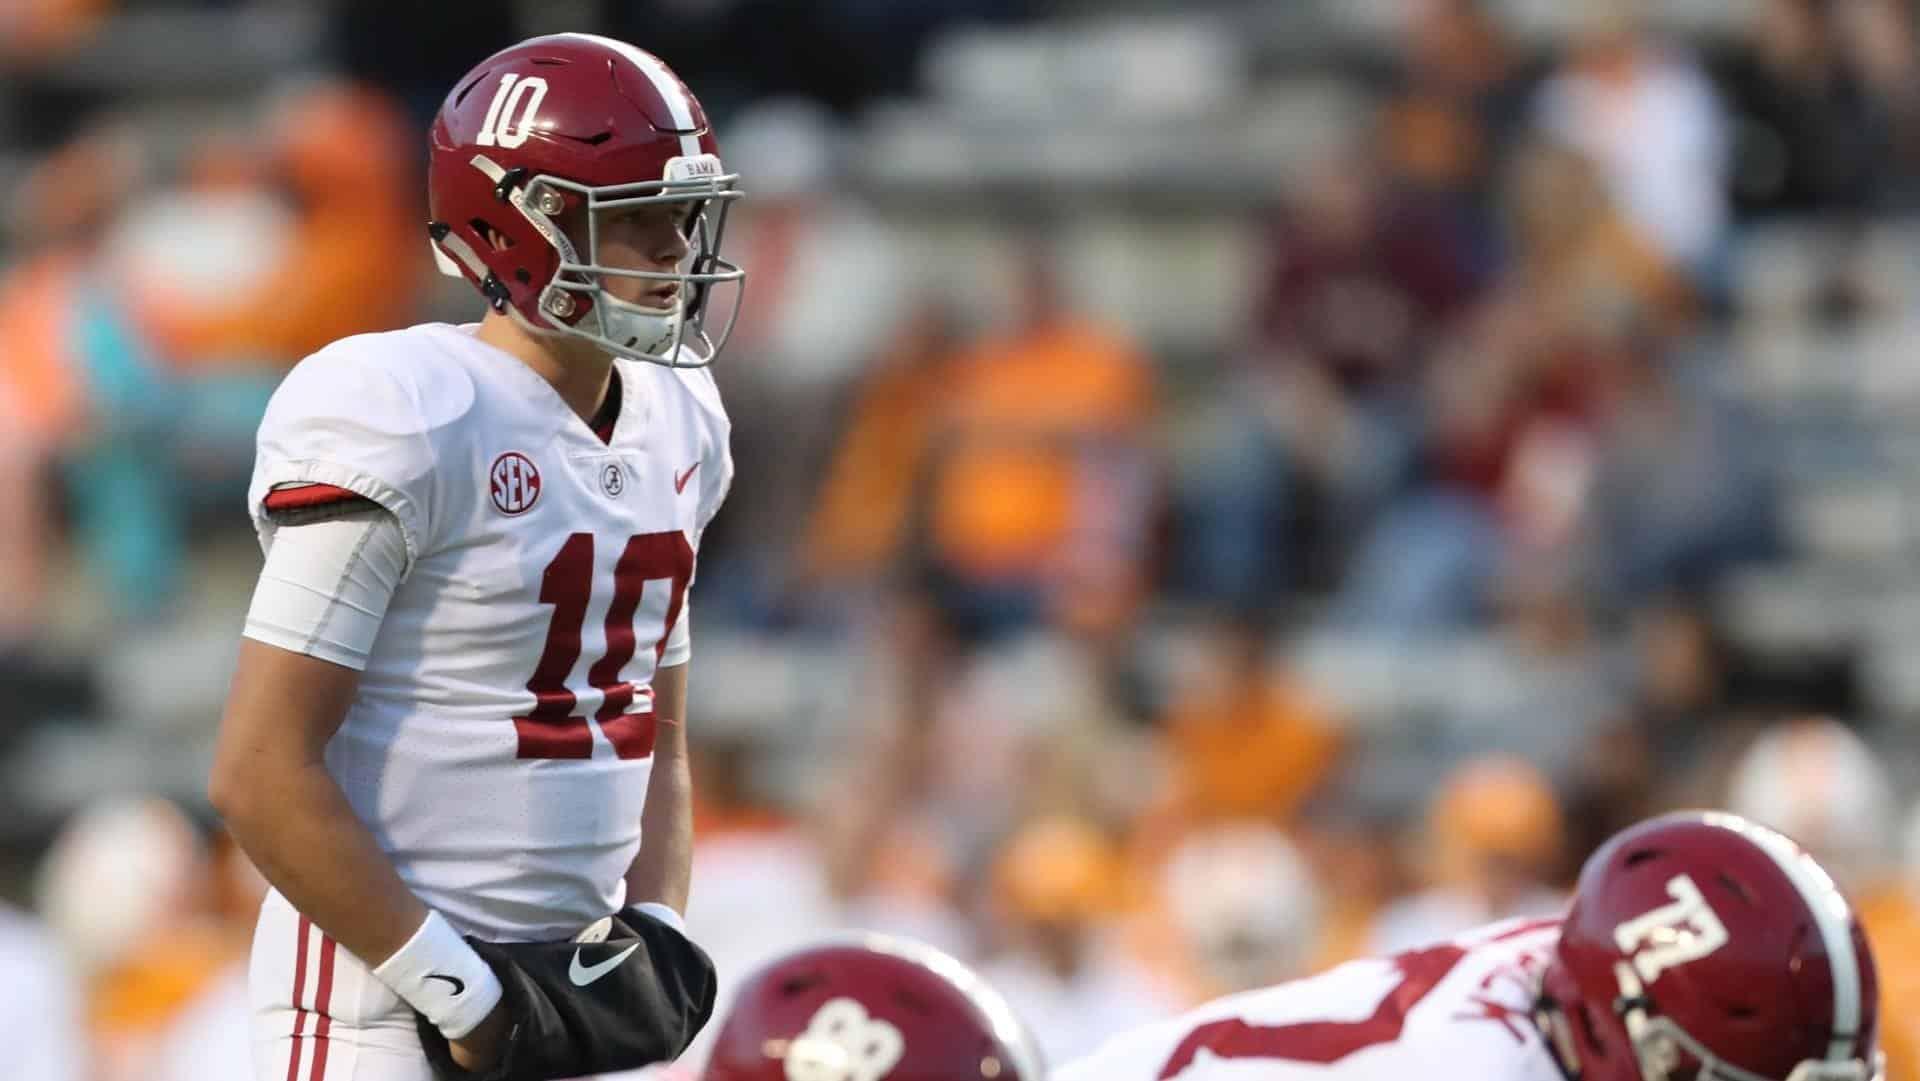 Potential 2021 Senior Bowl quarterback candidates